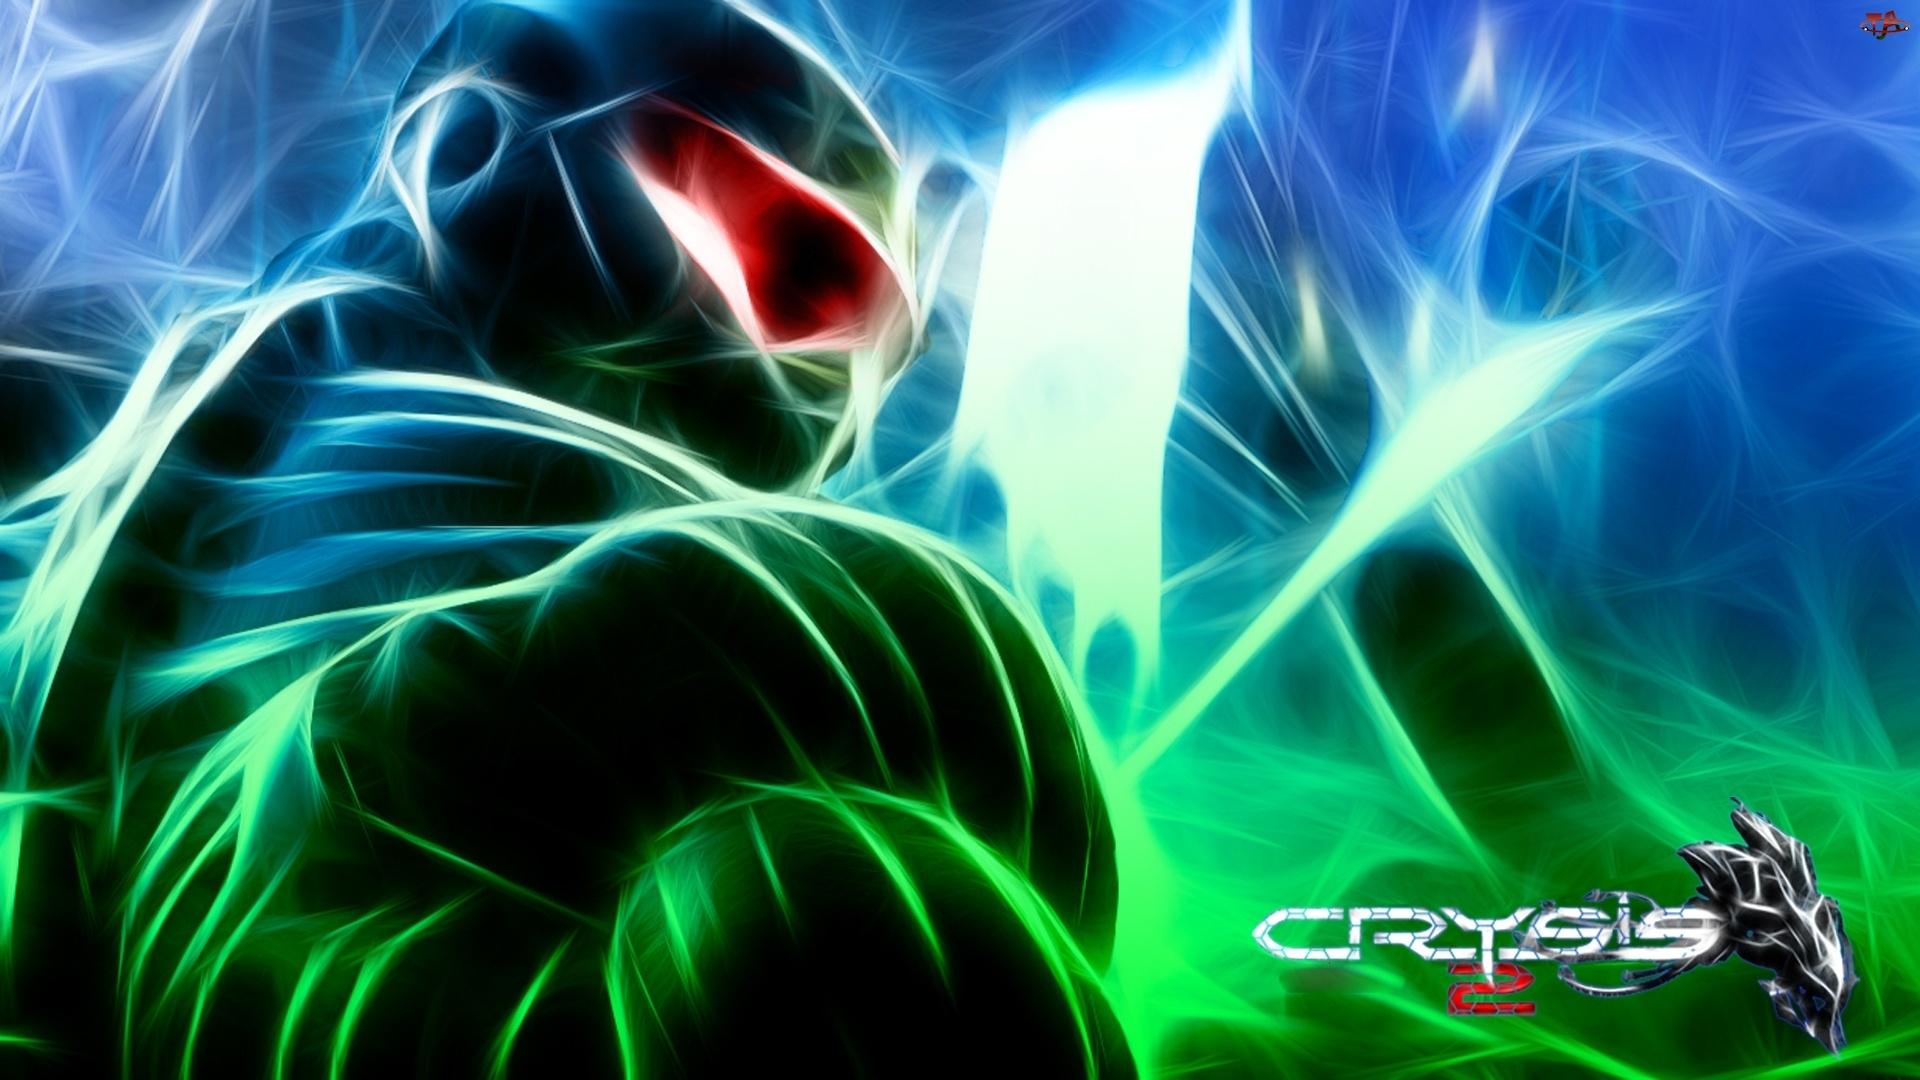 3D, Crysis 2